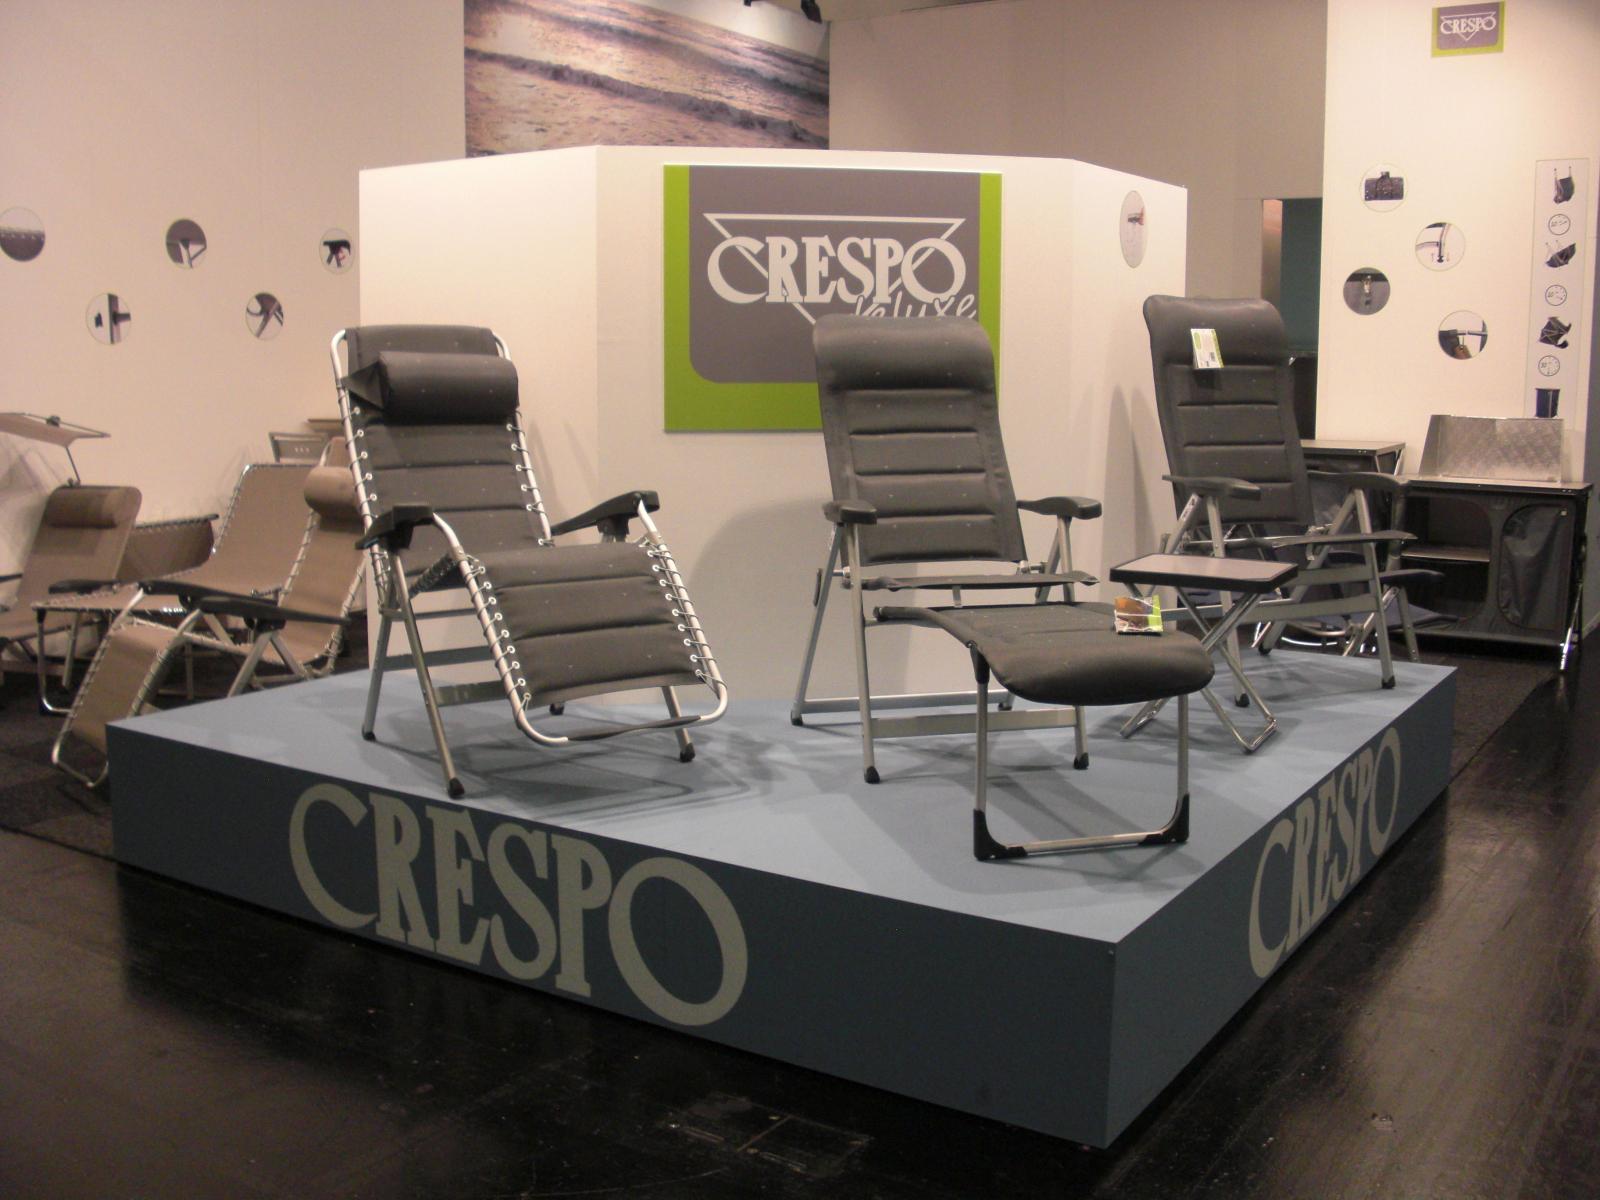 Crespo particip en spoga 2013 el blog de crespo - Indual mobiliario ...